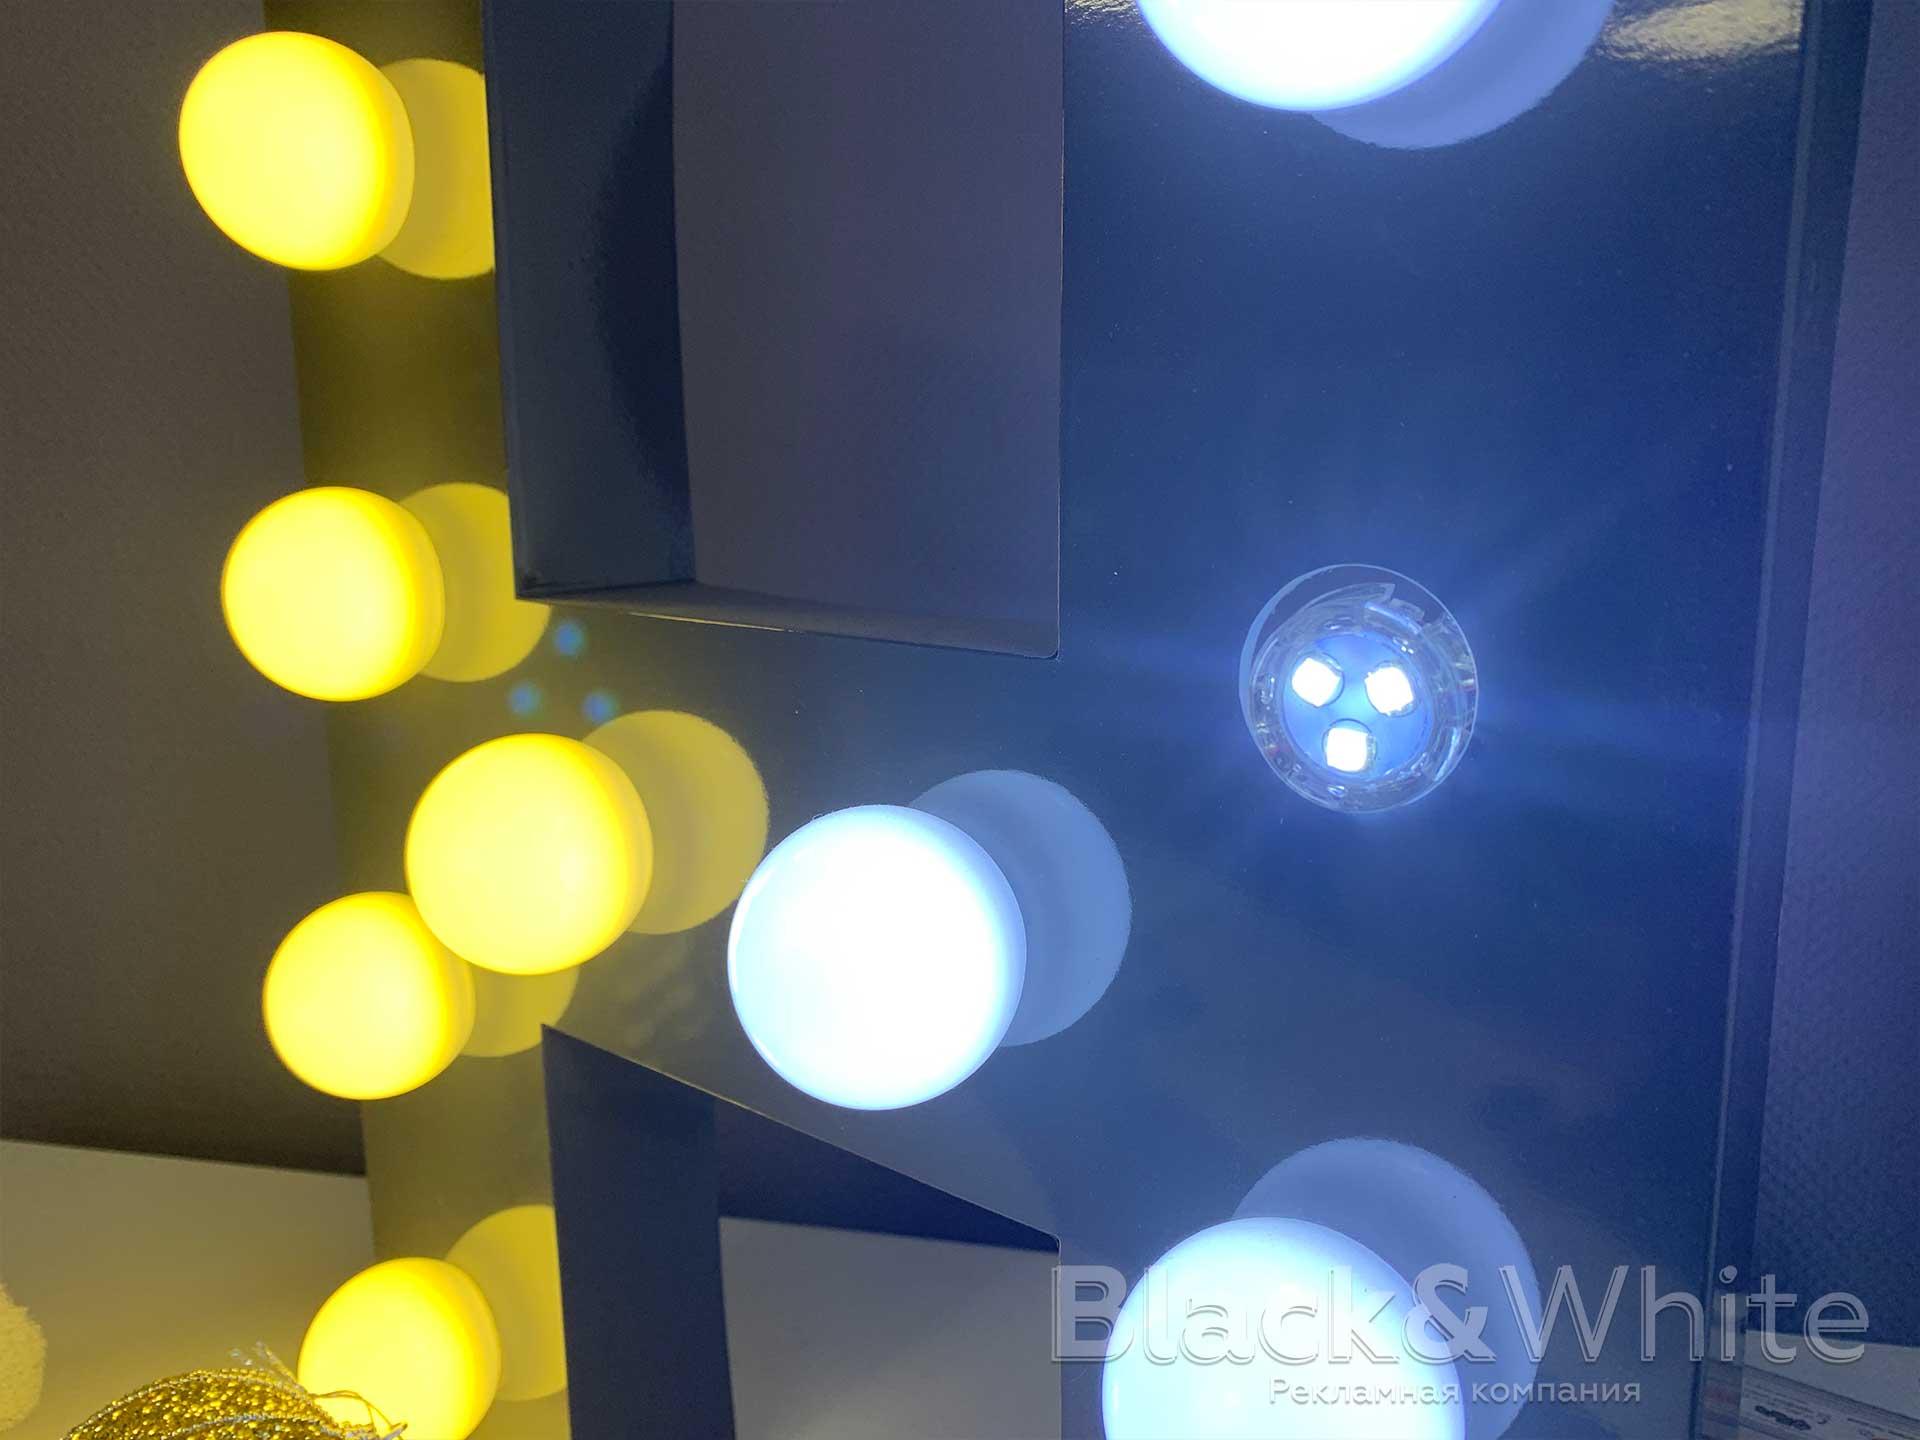 Объёмные-с-подсветкой-лампочками-изготовление-в-Красноярске.jpg